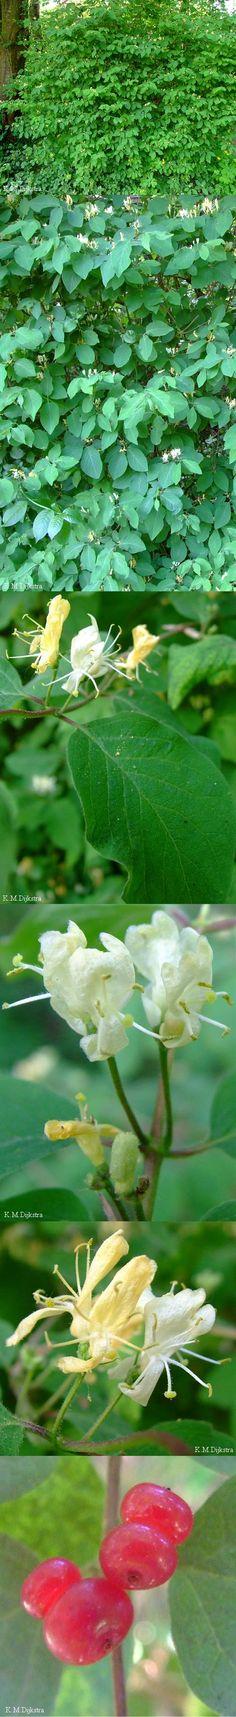 Lonicera xylosteum - Ükörkelonc